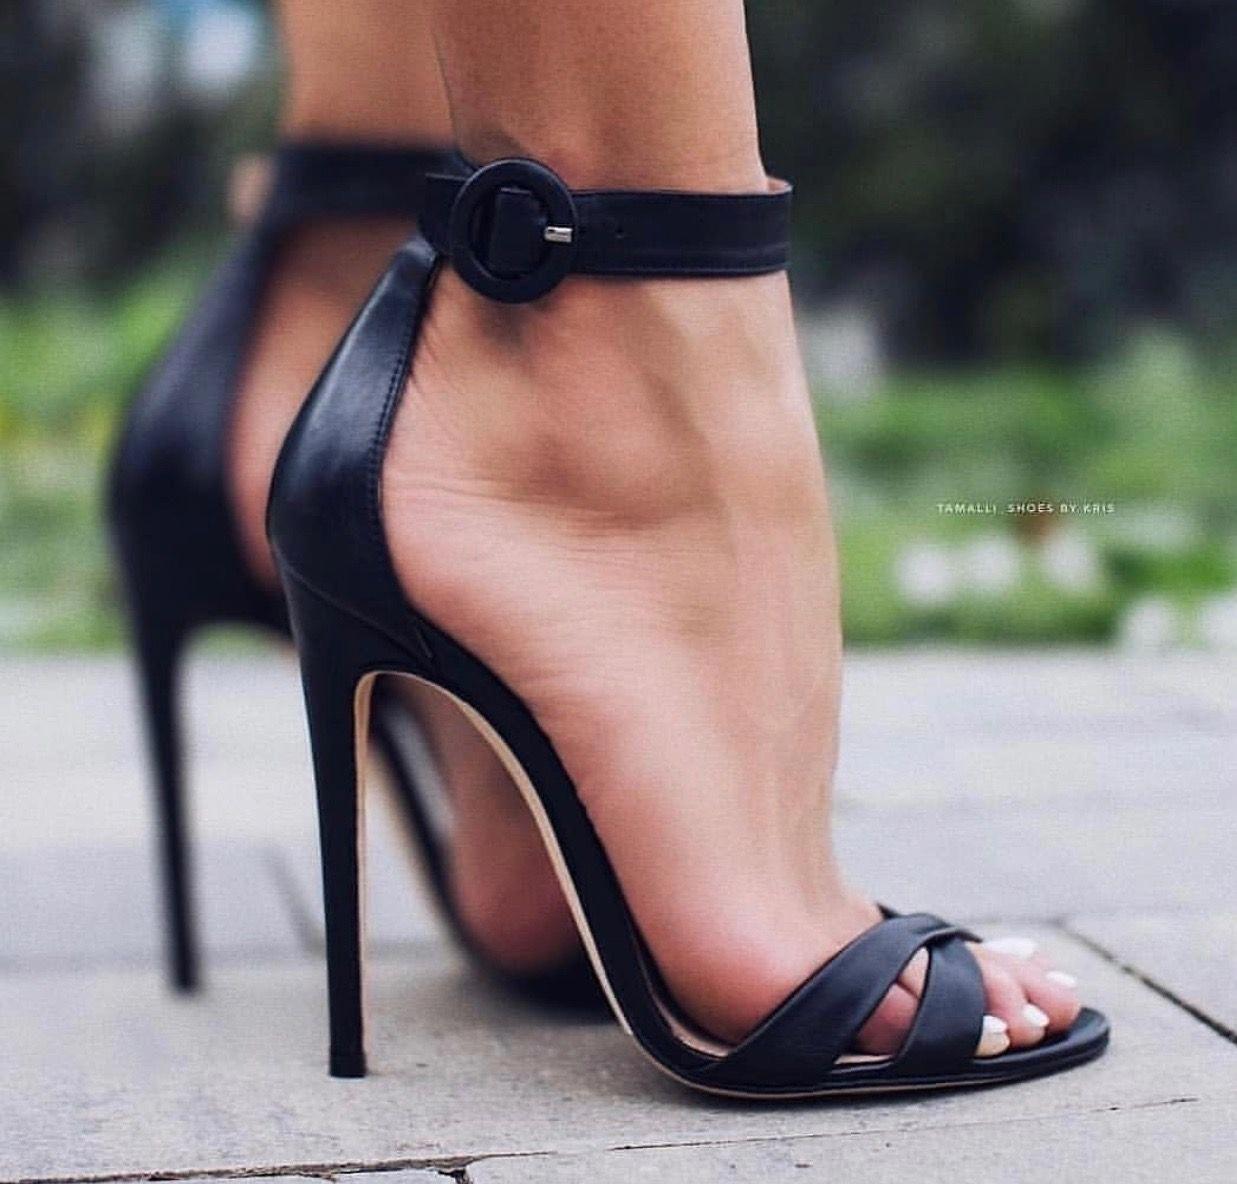 Stiletto #shoes #shoesaddict #sandals #zapatos #estilo